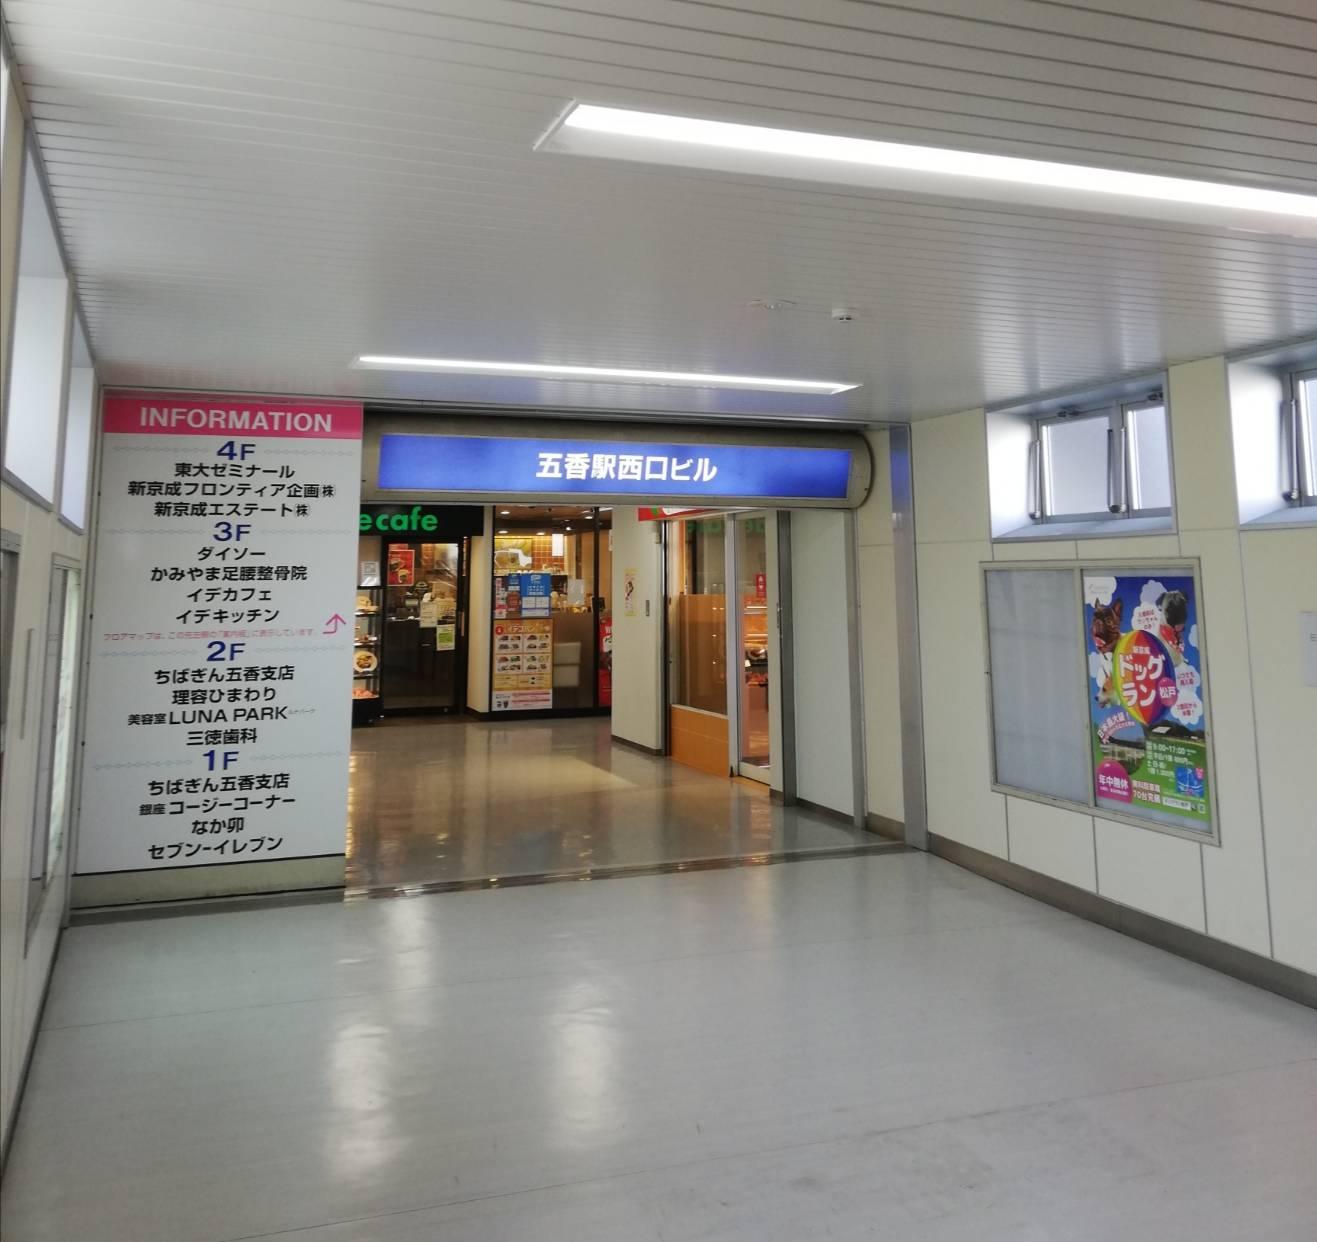 イデキッチン五香駅ビルオープン